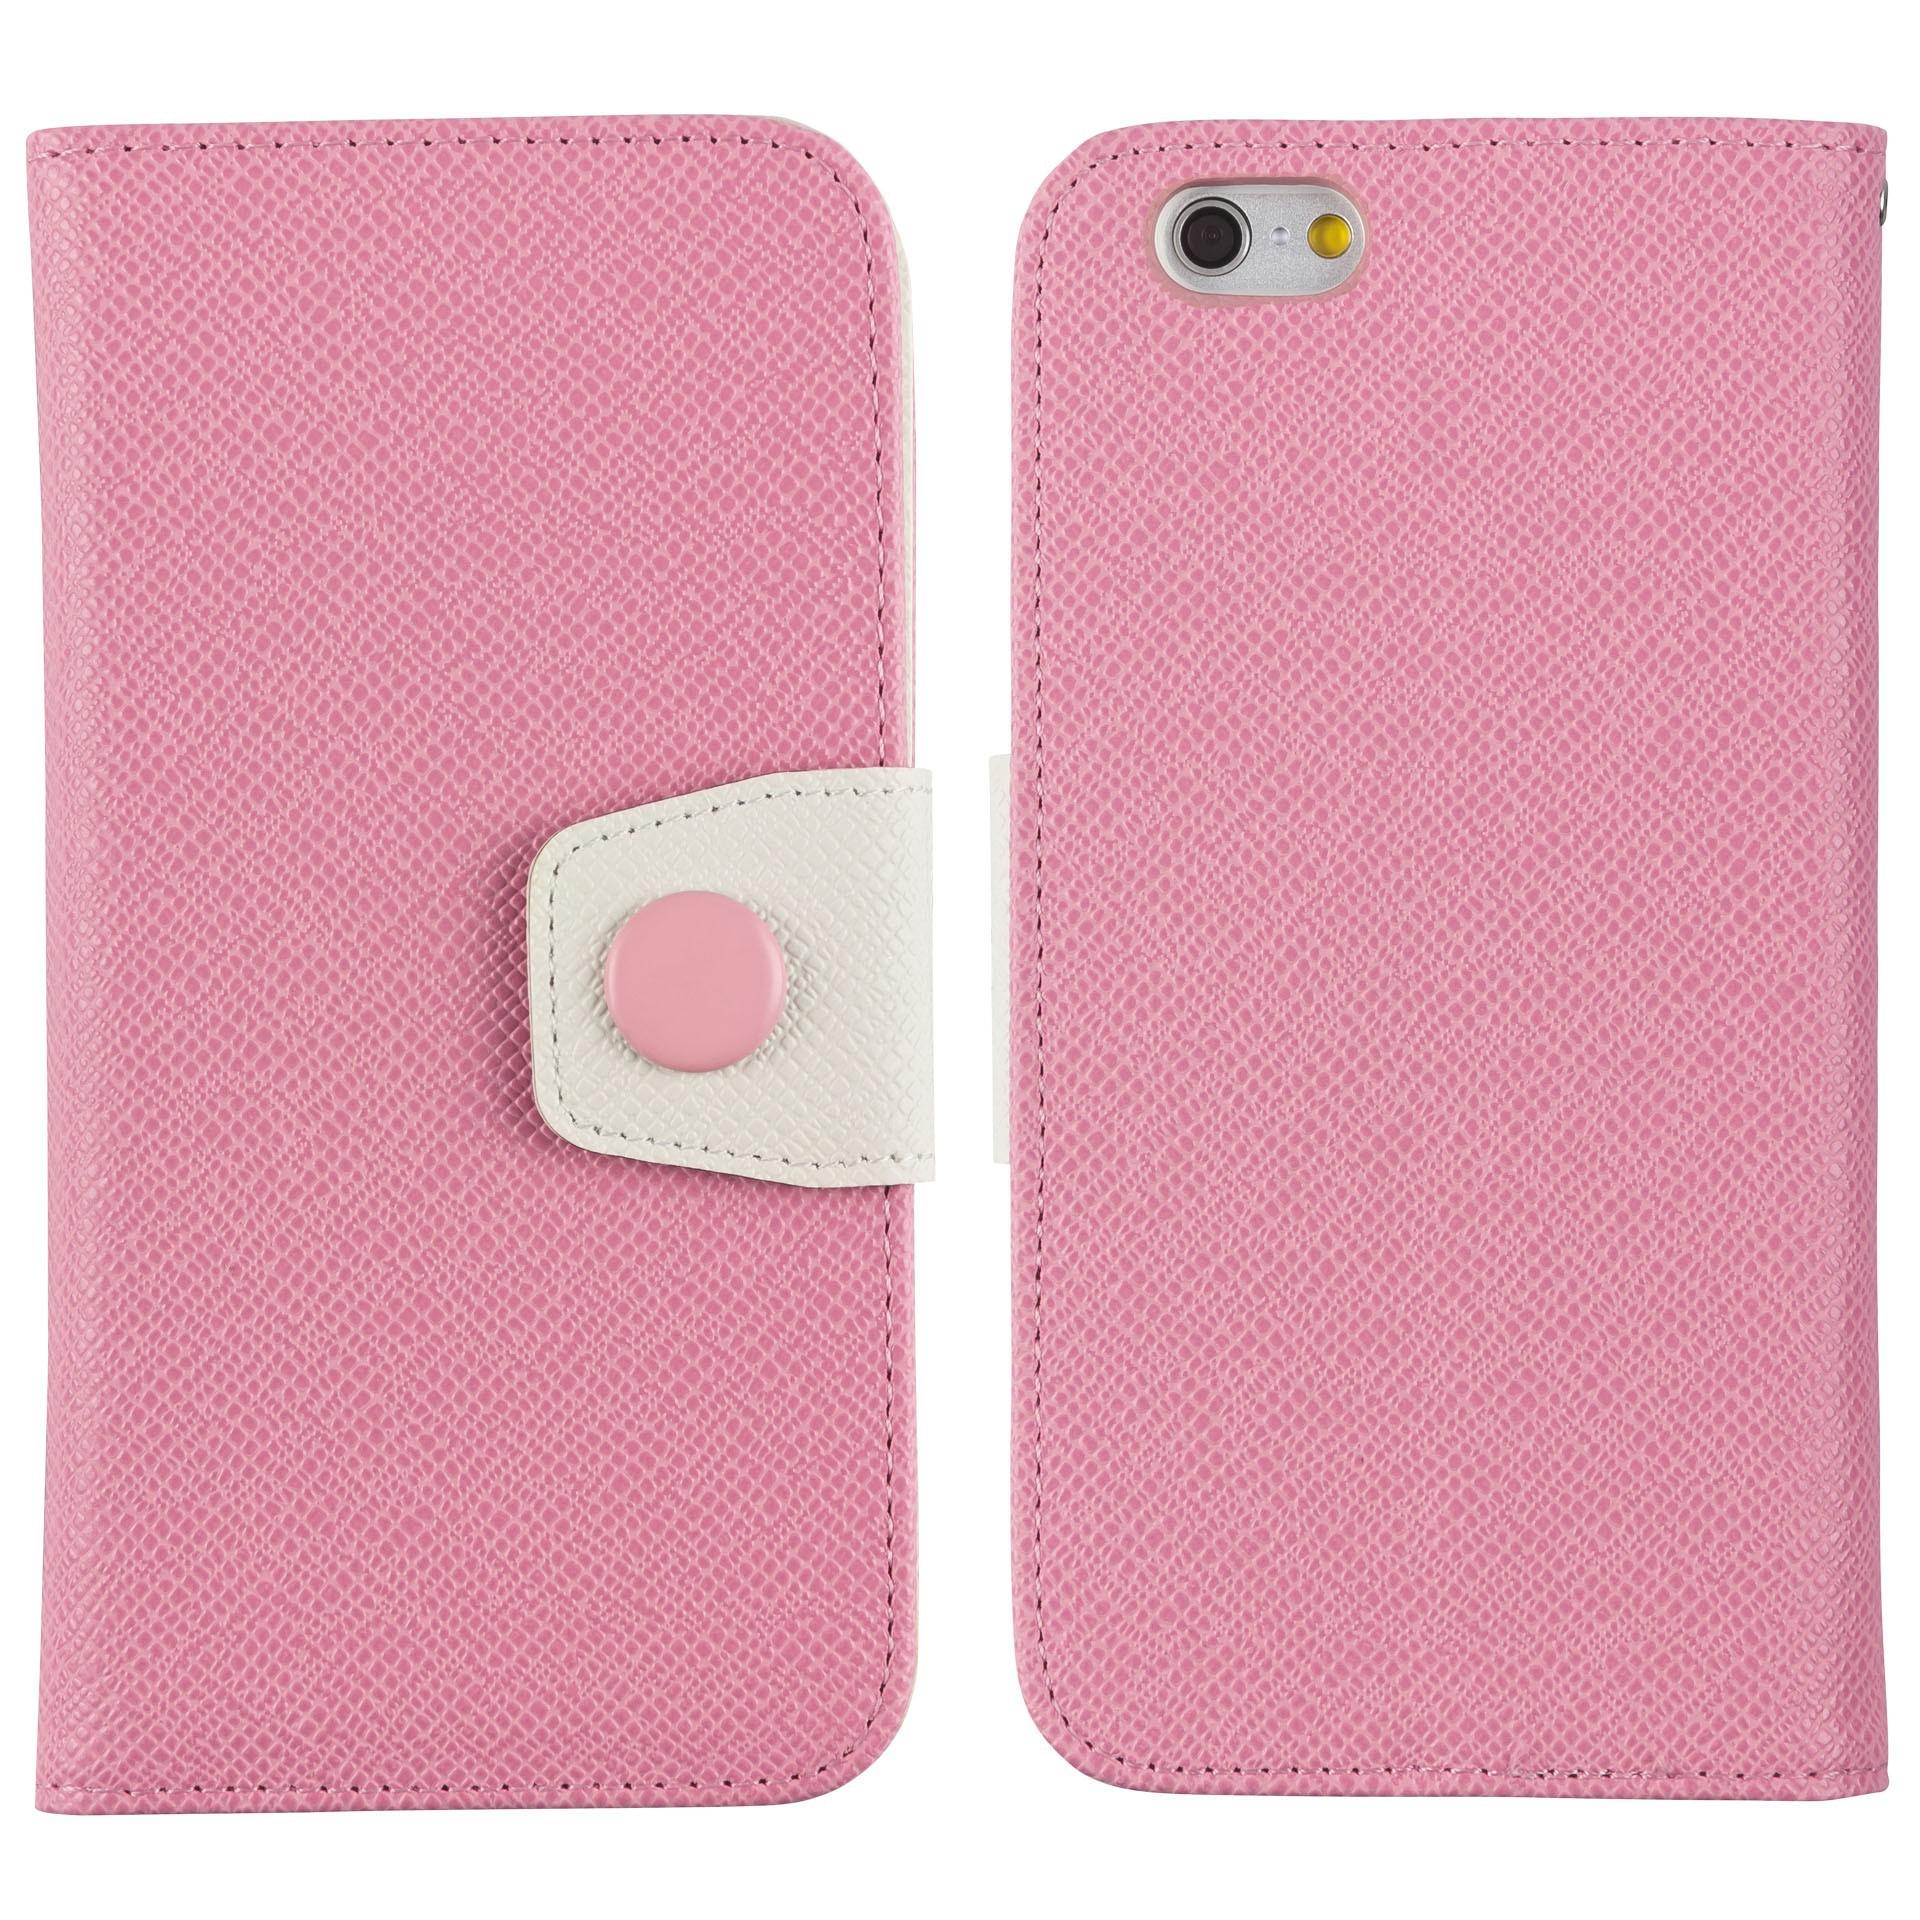 Yemota Pro FlipCase iPhone 6 - Rosa / Creme